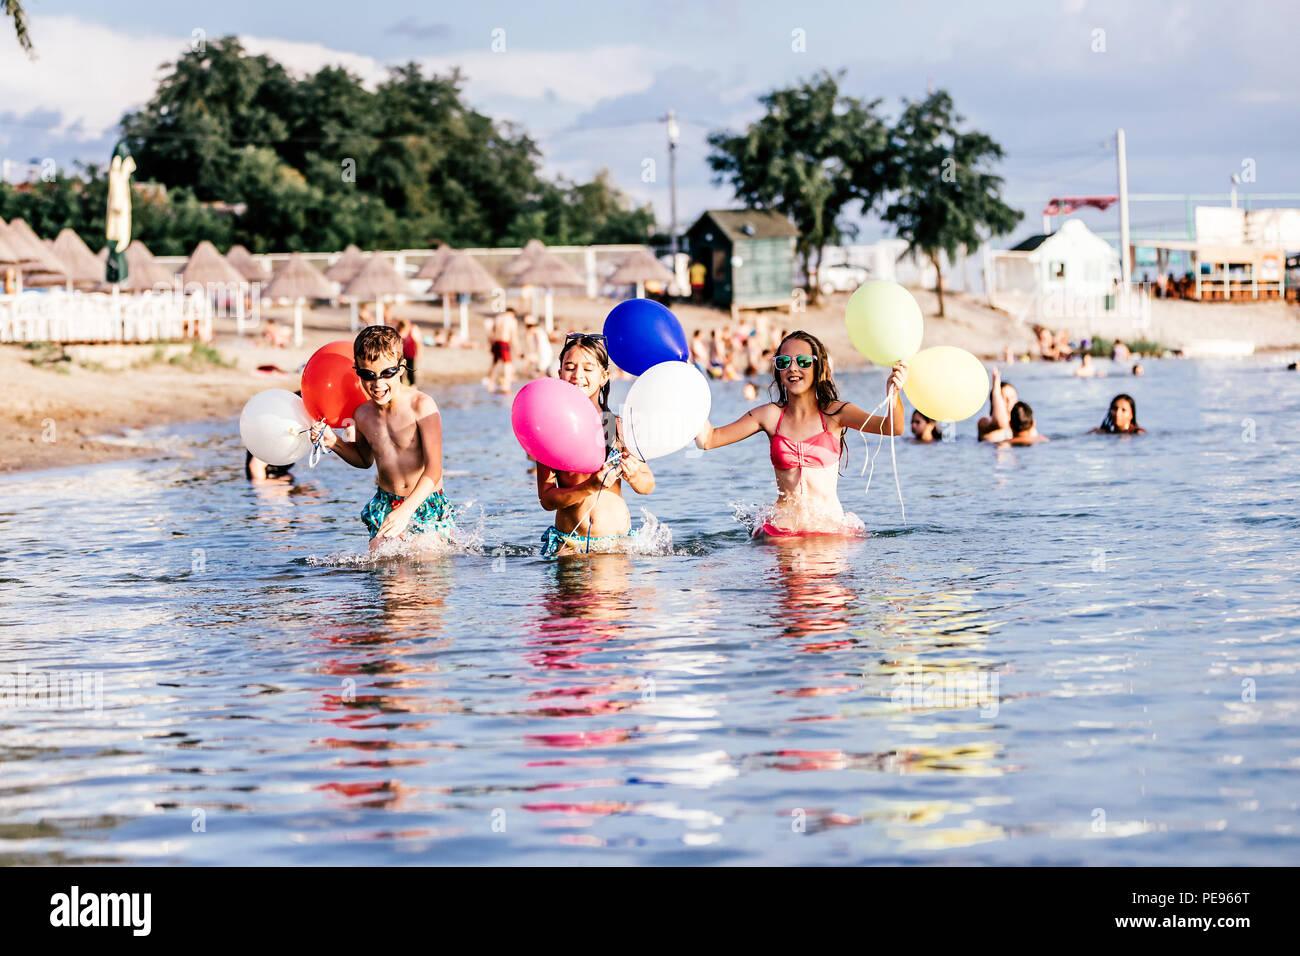 Glückliche Kinder spielen mit Ballons im Meer. Kinder Spaß im Freien. Sommer Urlaub und gesunden Lebensstil Konzept Stockbild